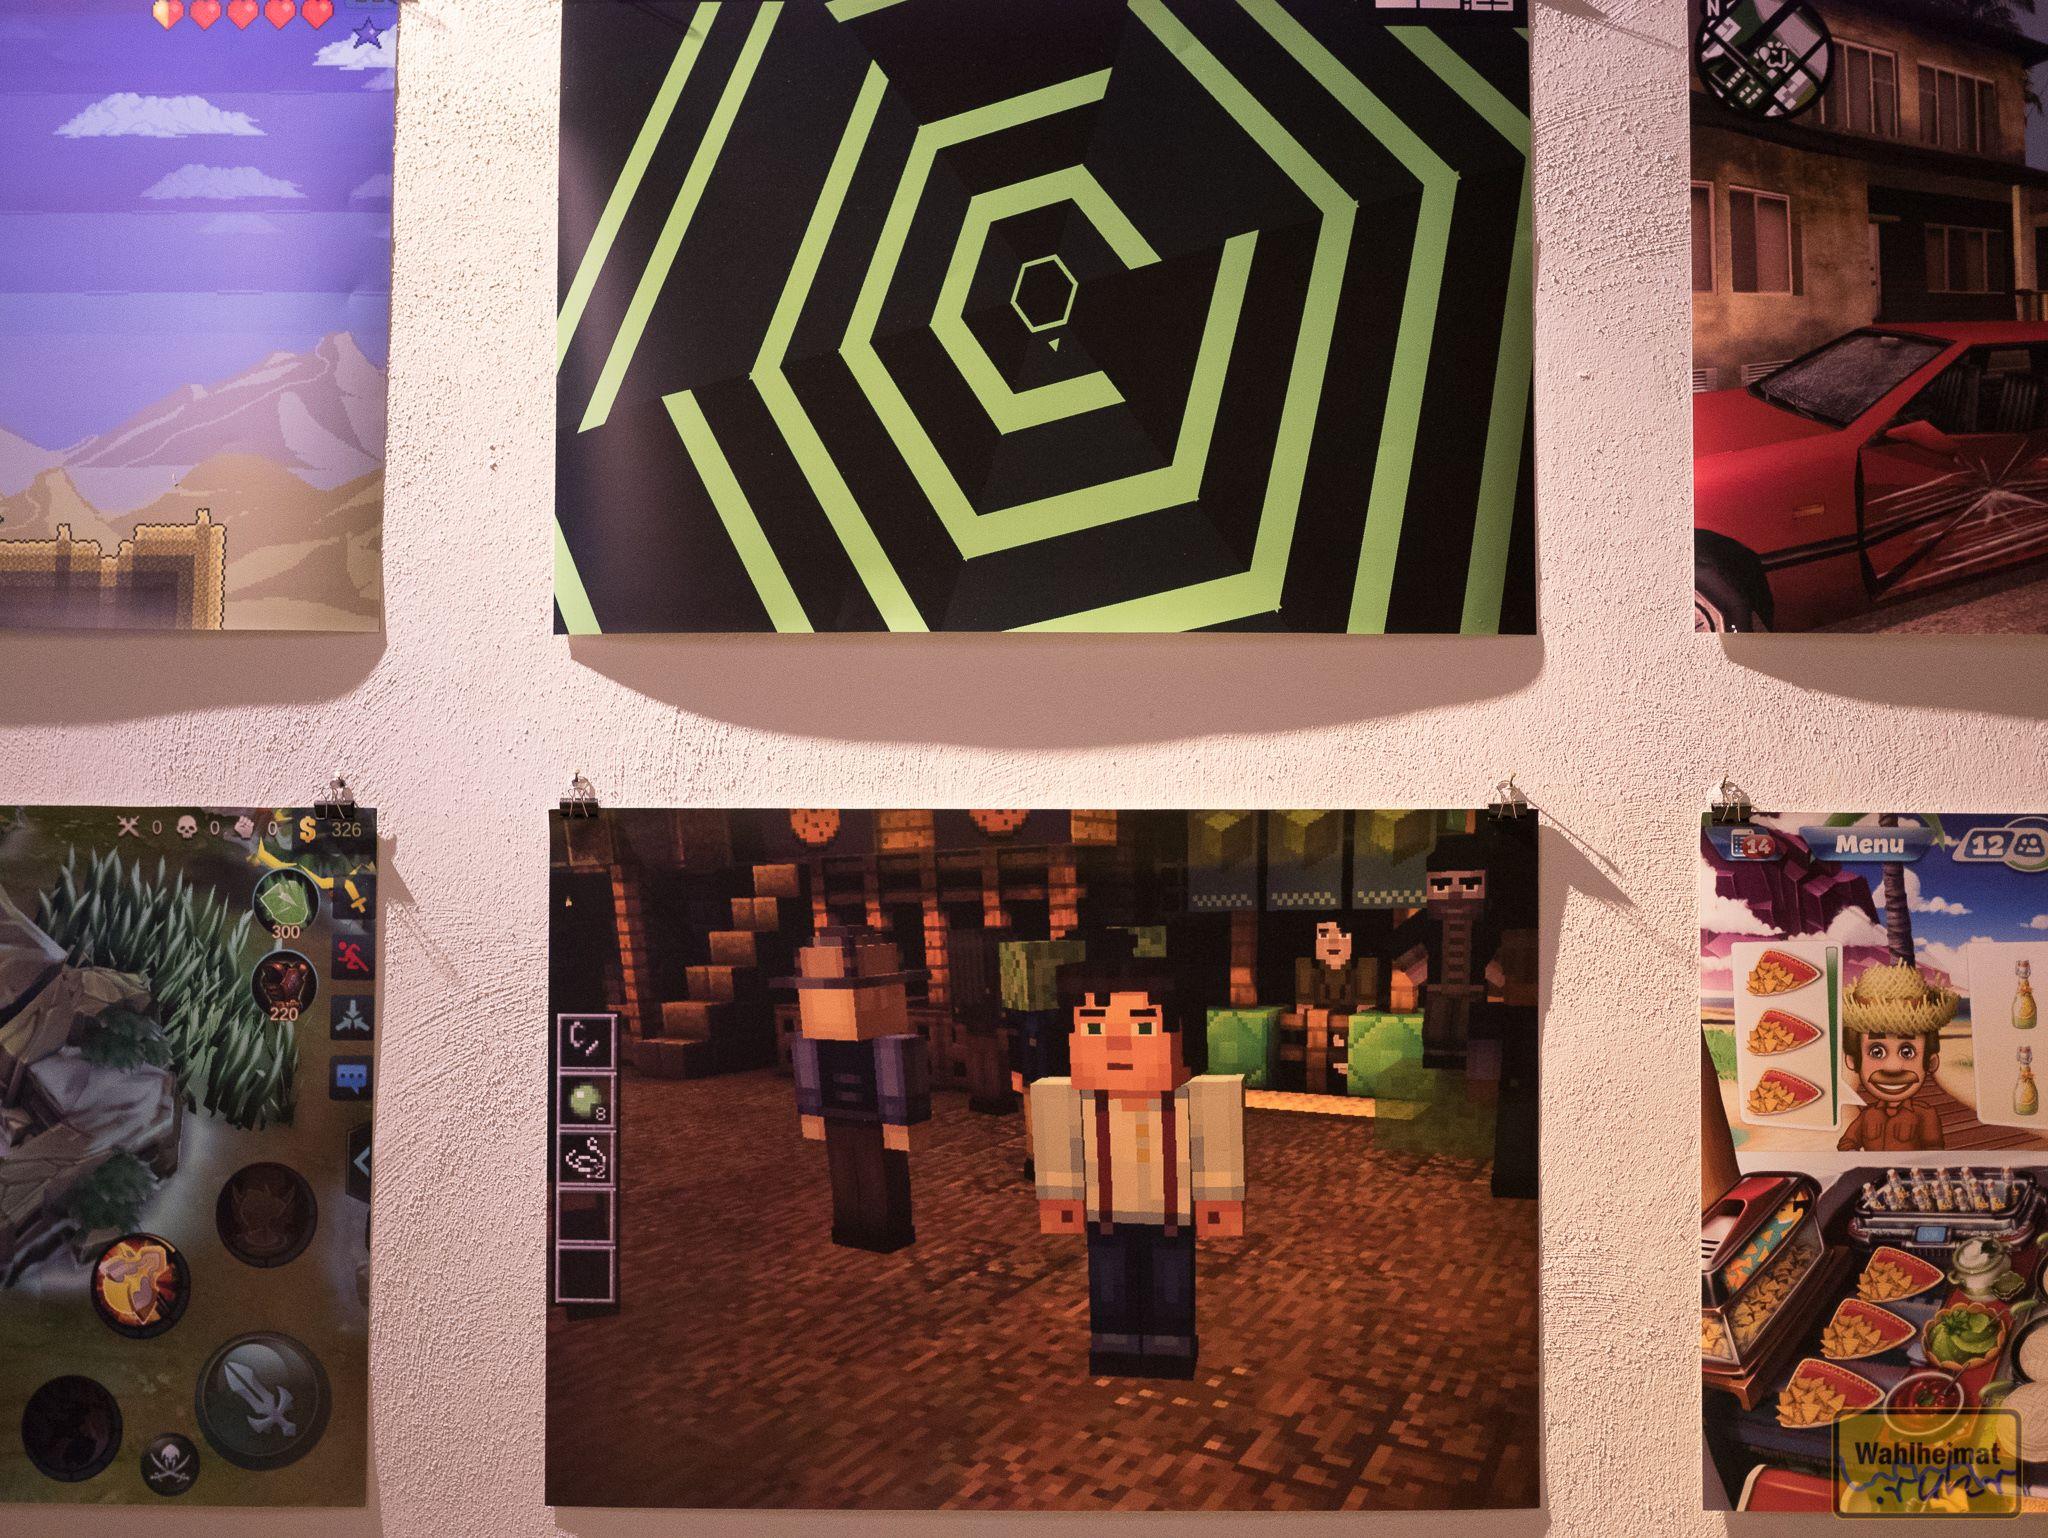 An den Wänden ist die passende Deko aufgehängt: Screenshots aus Spielen.